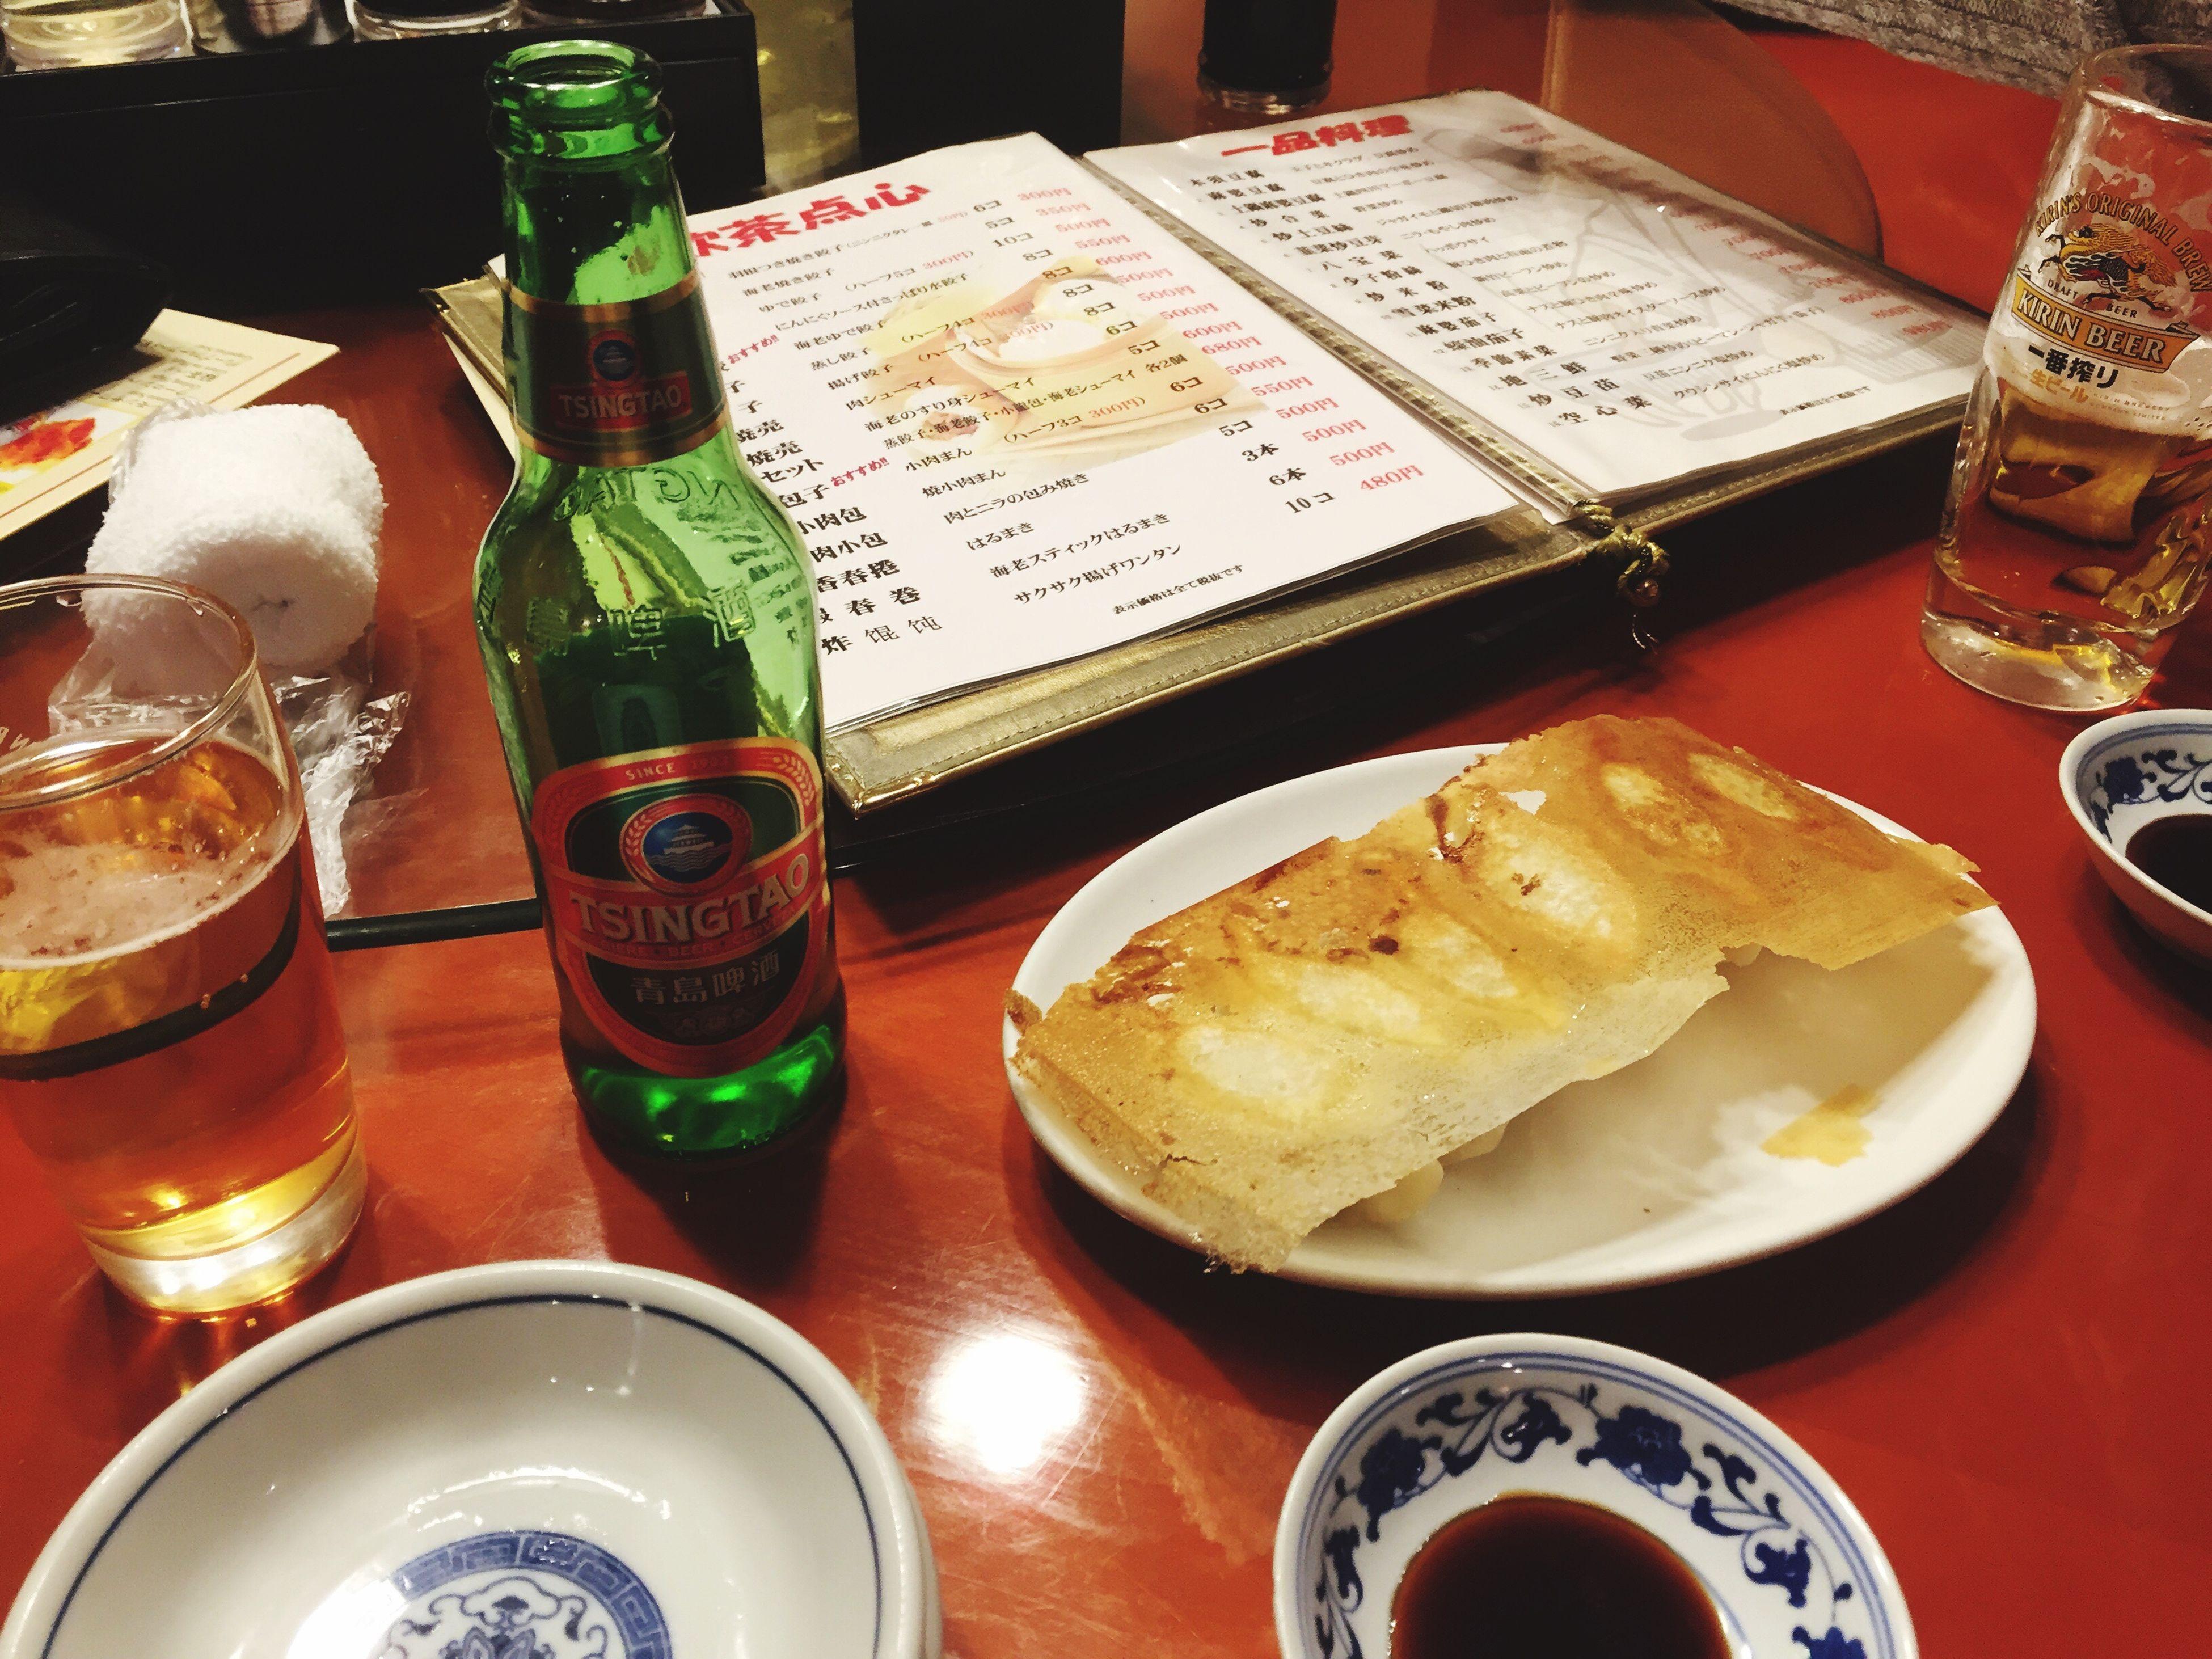 Tsingtao Beer 餃子 Gyoza Chinese Food